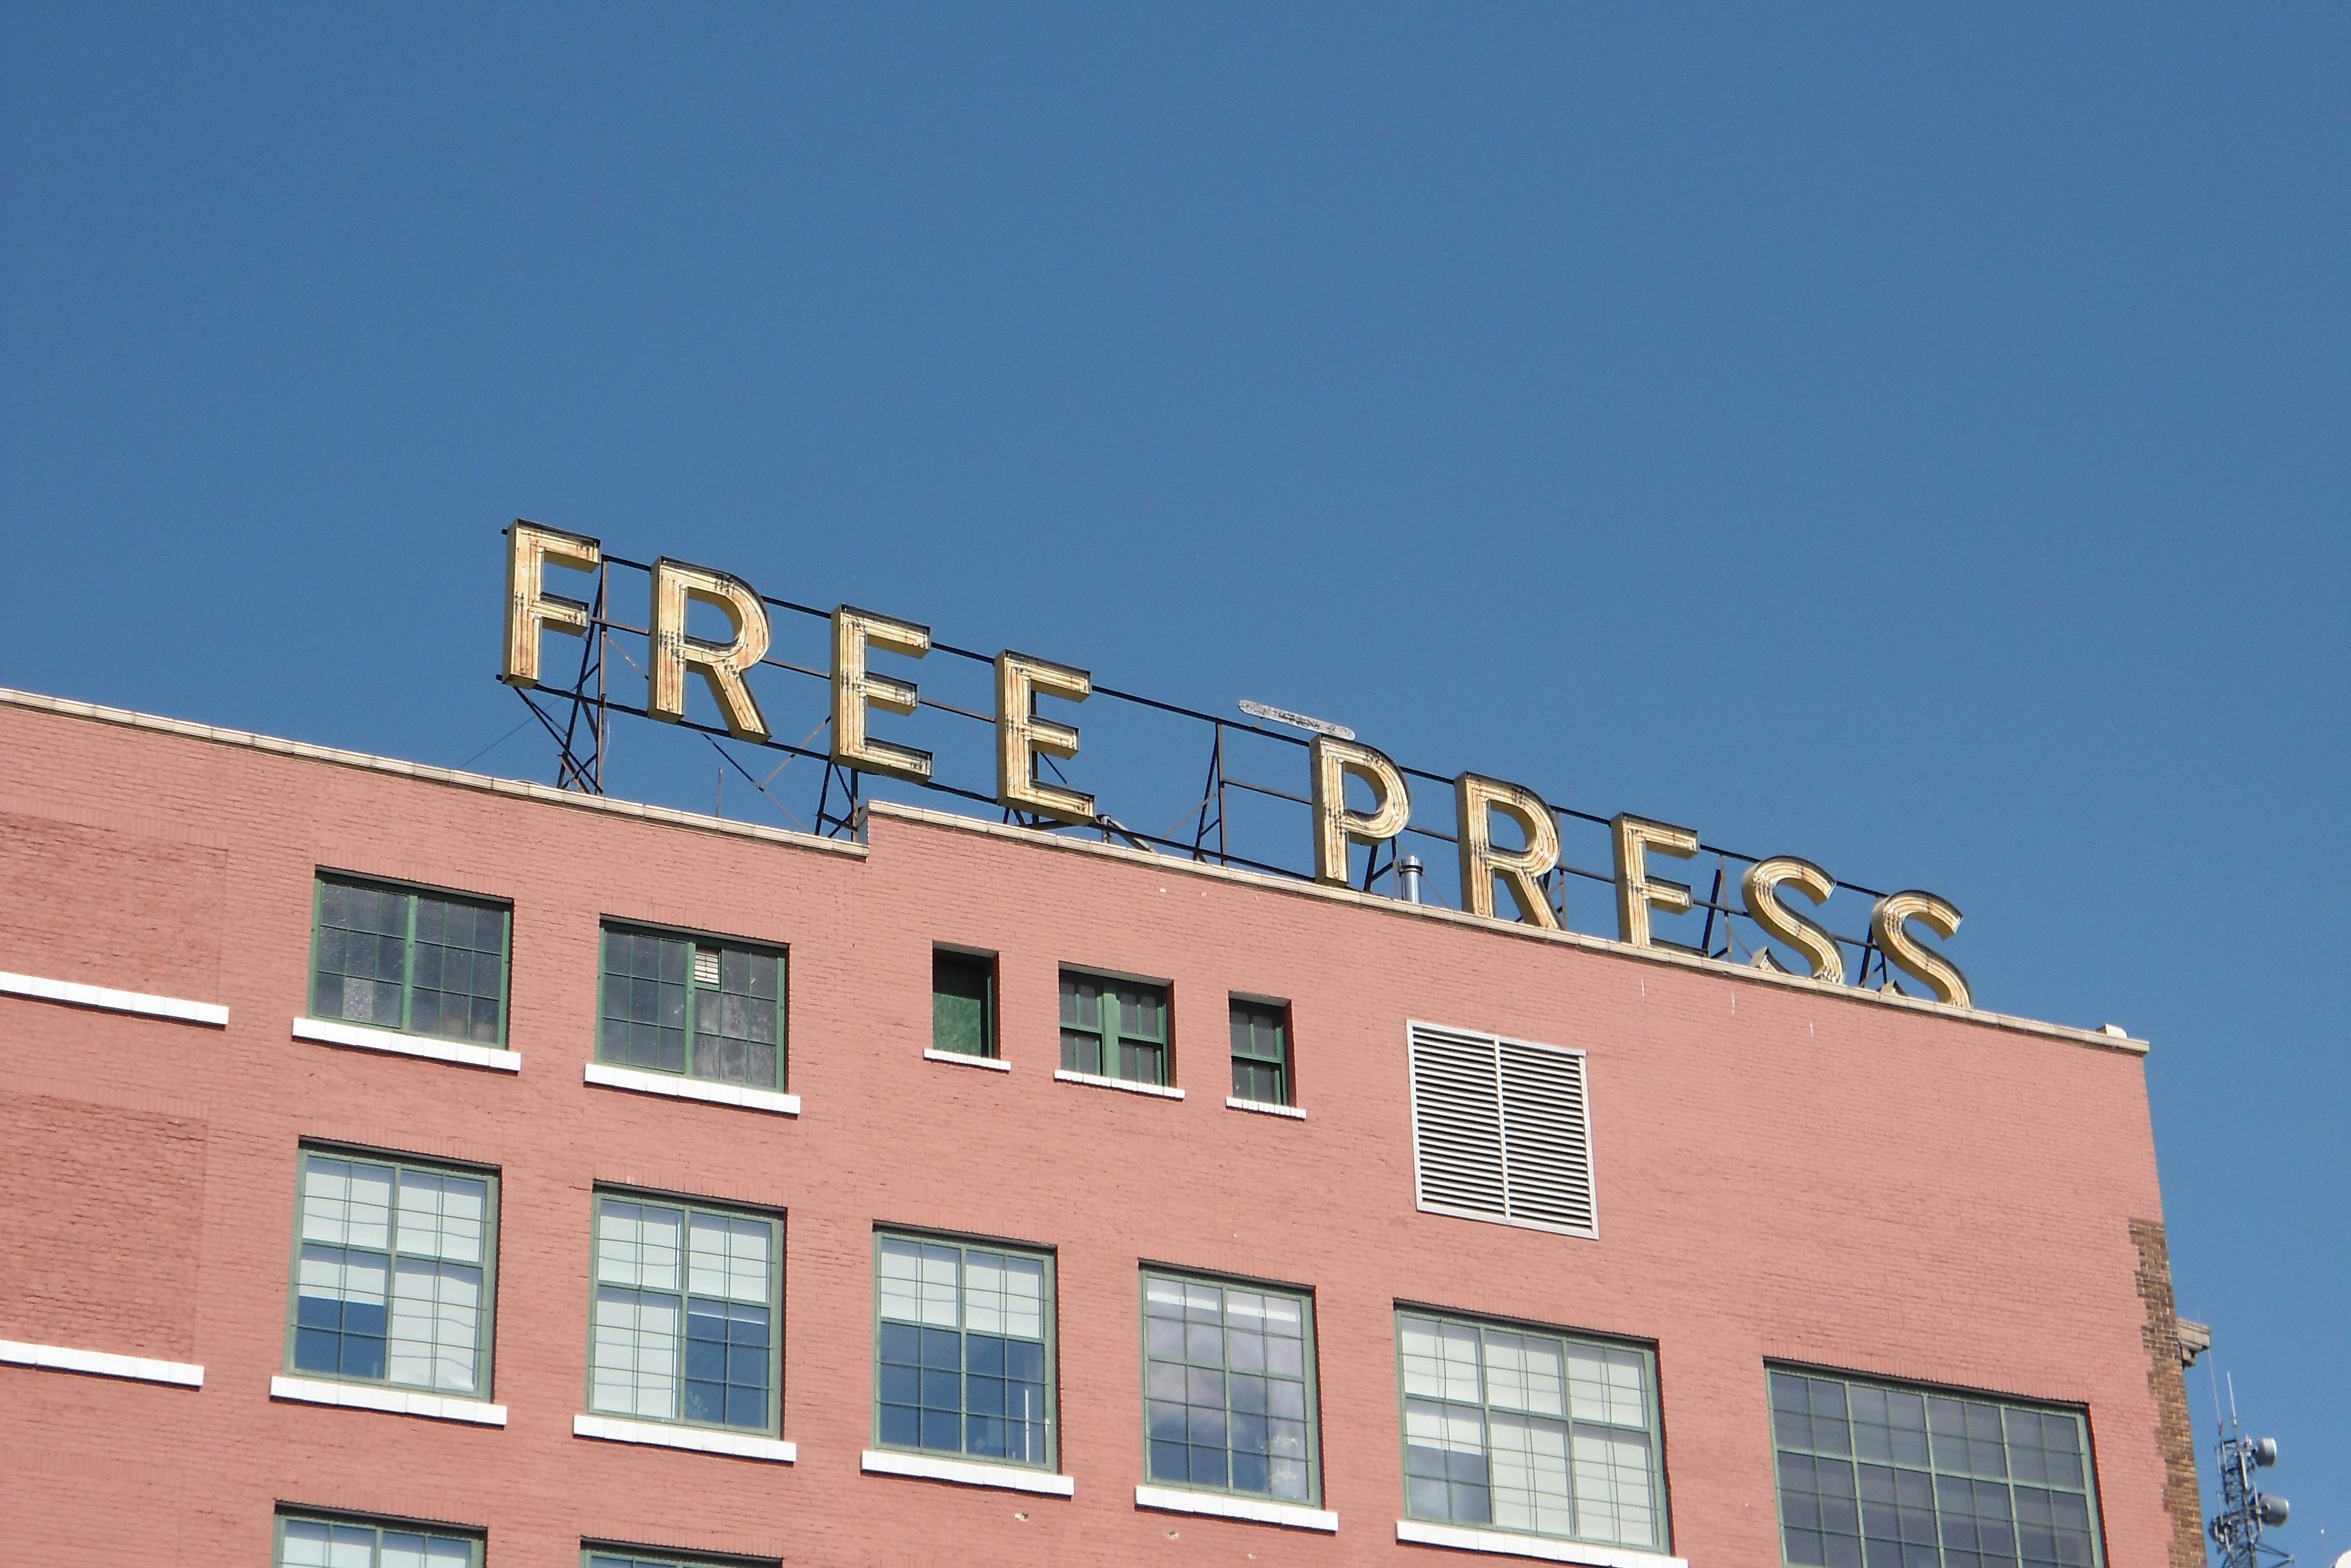 Rear side of winnipeg free press building